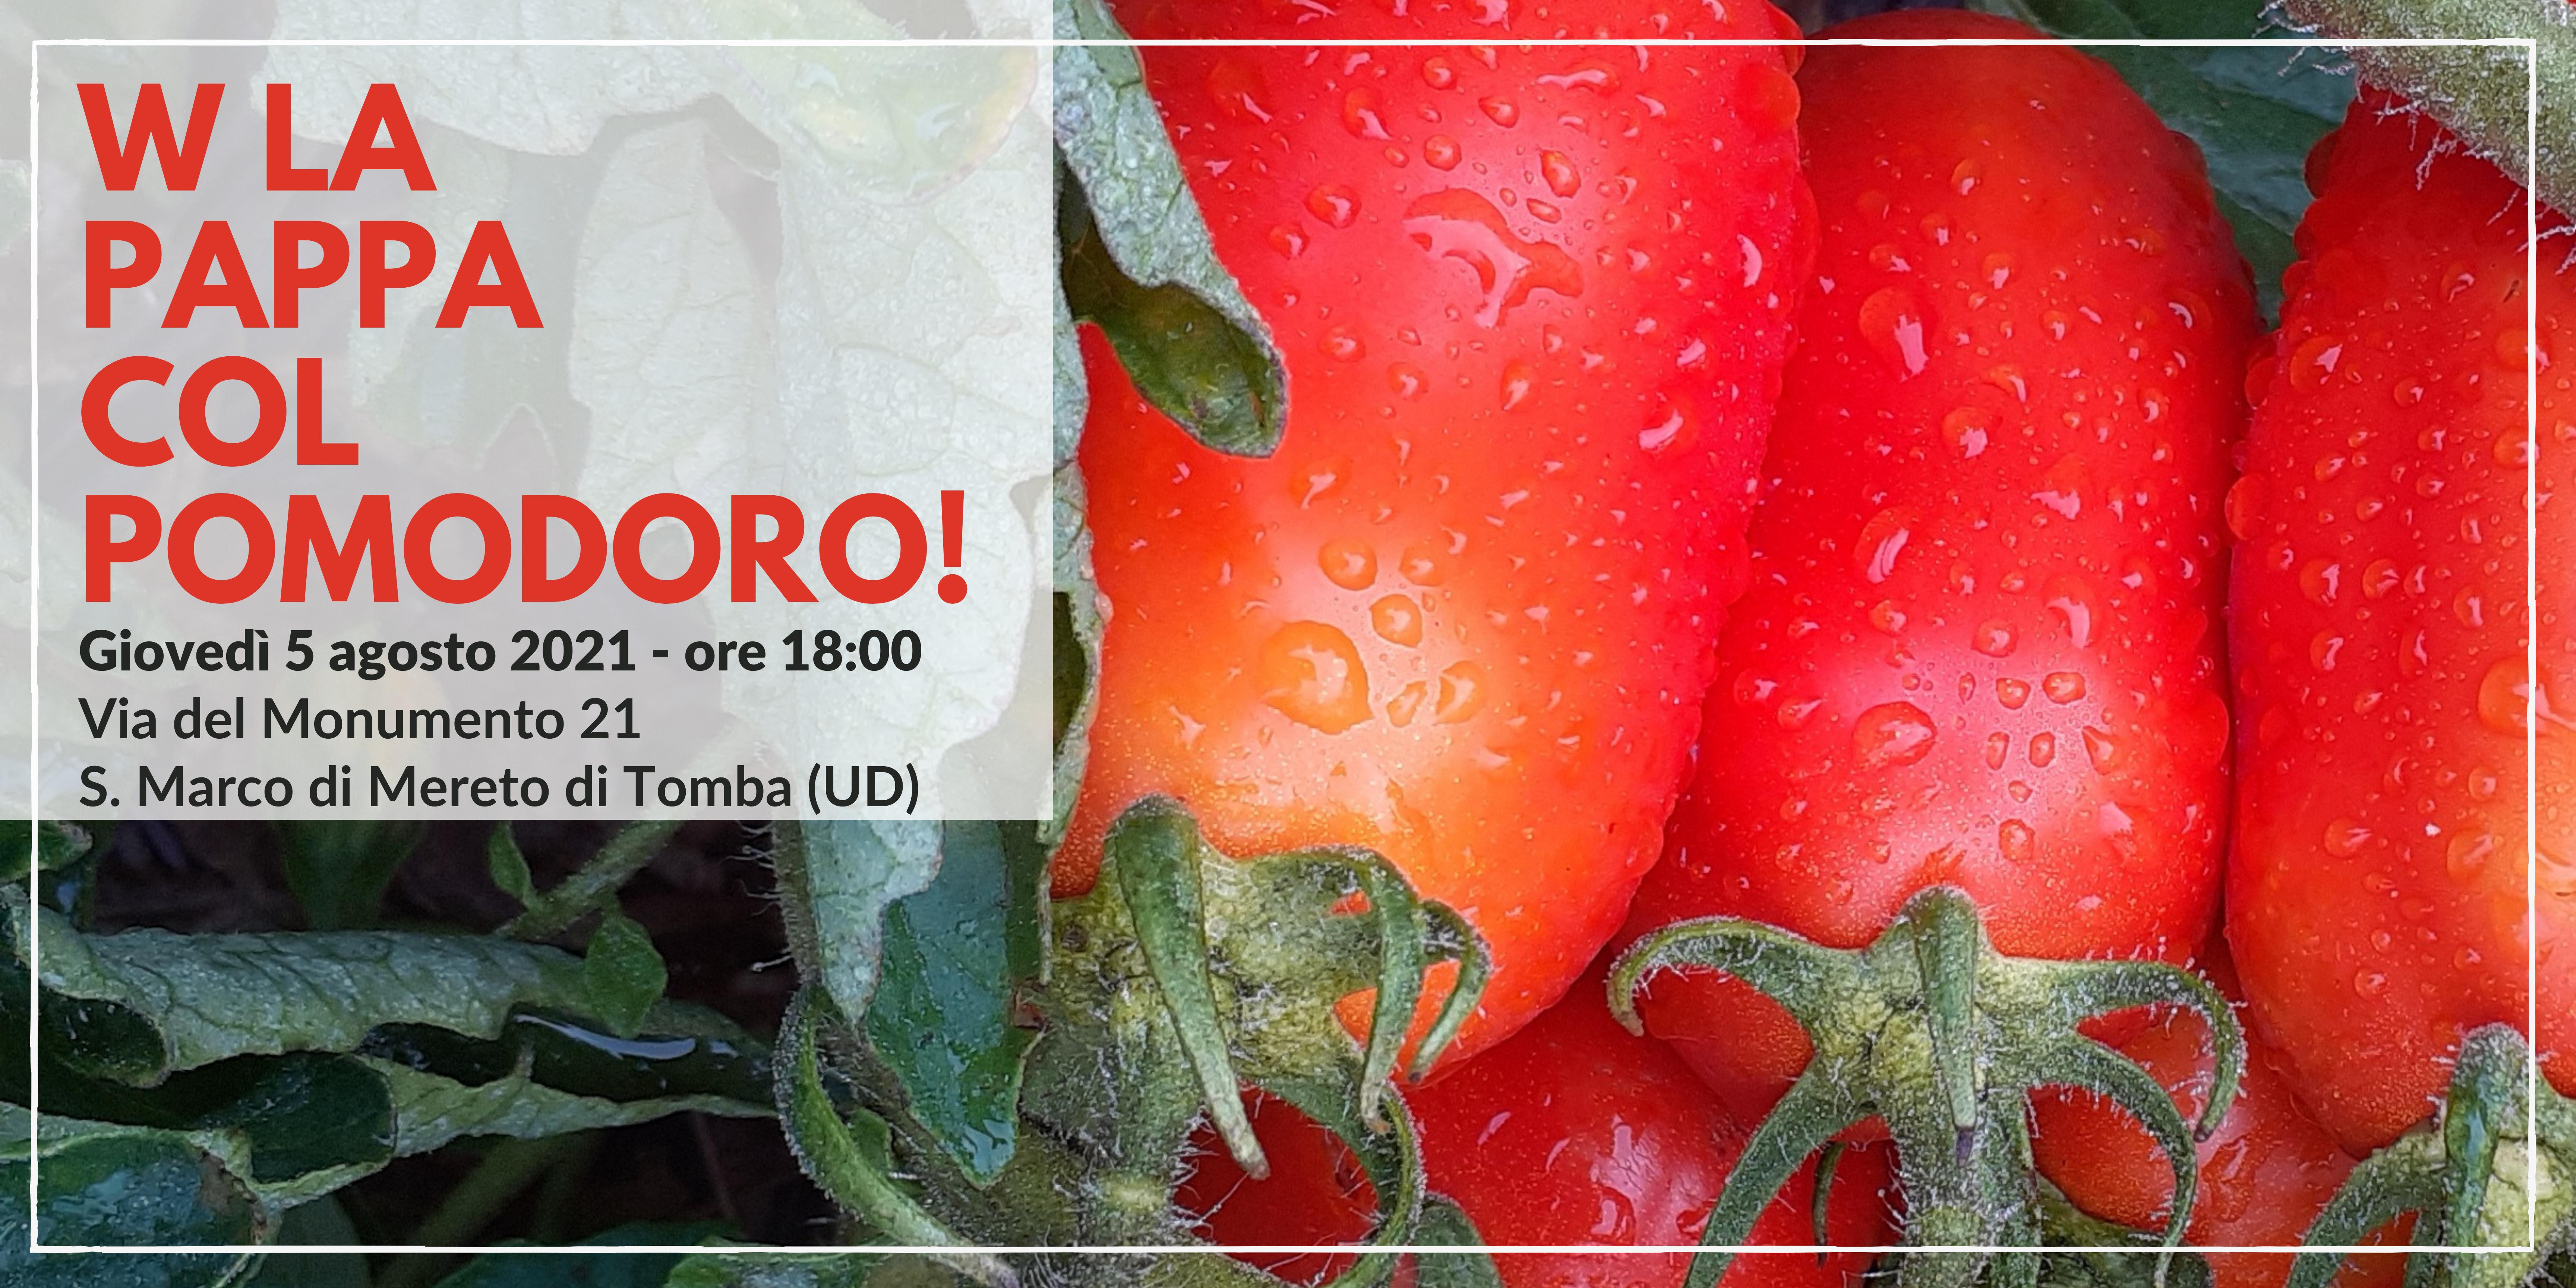 W la pappa col pomodoro! Incontro-racconto tra produttori e consumatori_giovedì 5 agosto 2021 ore 18:00